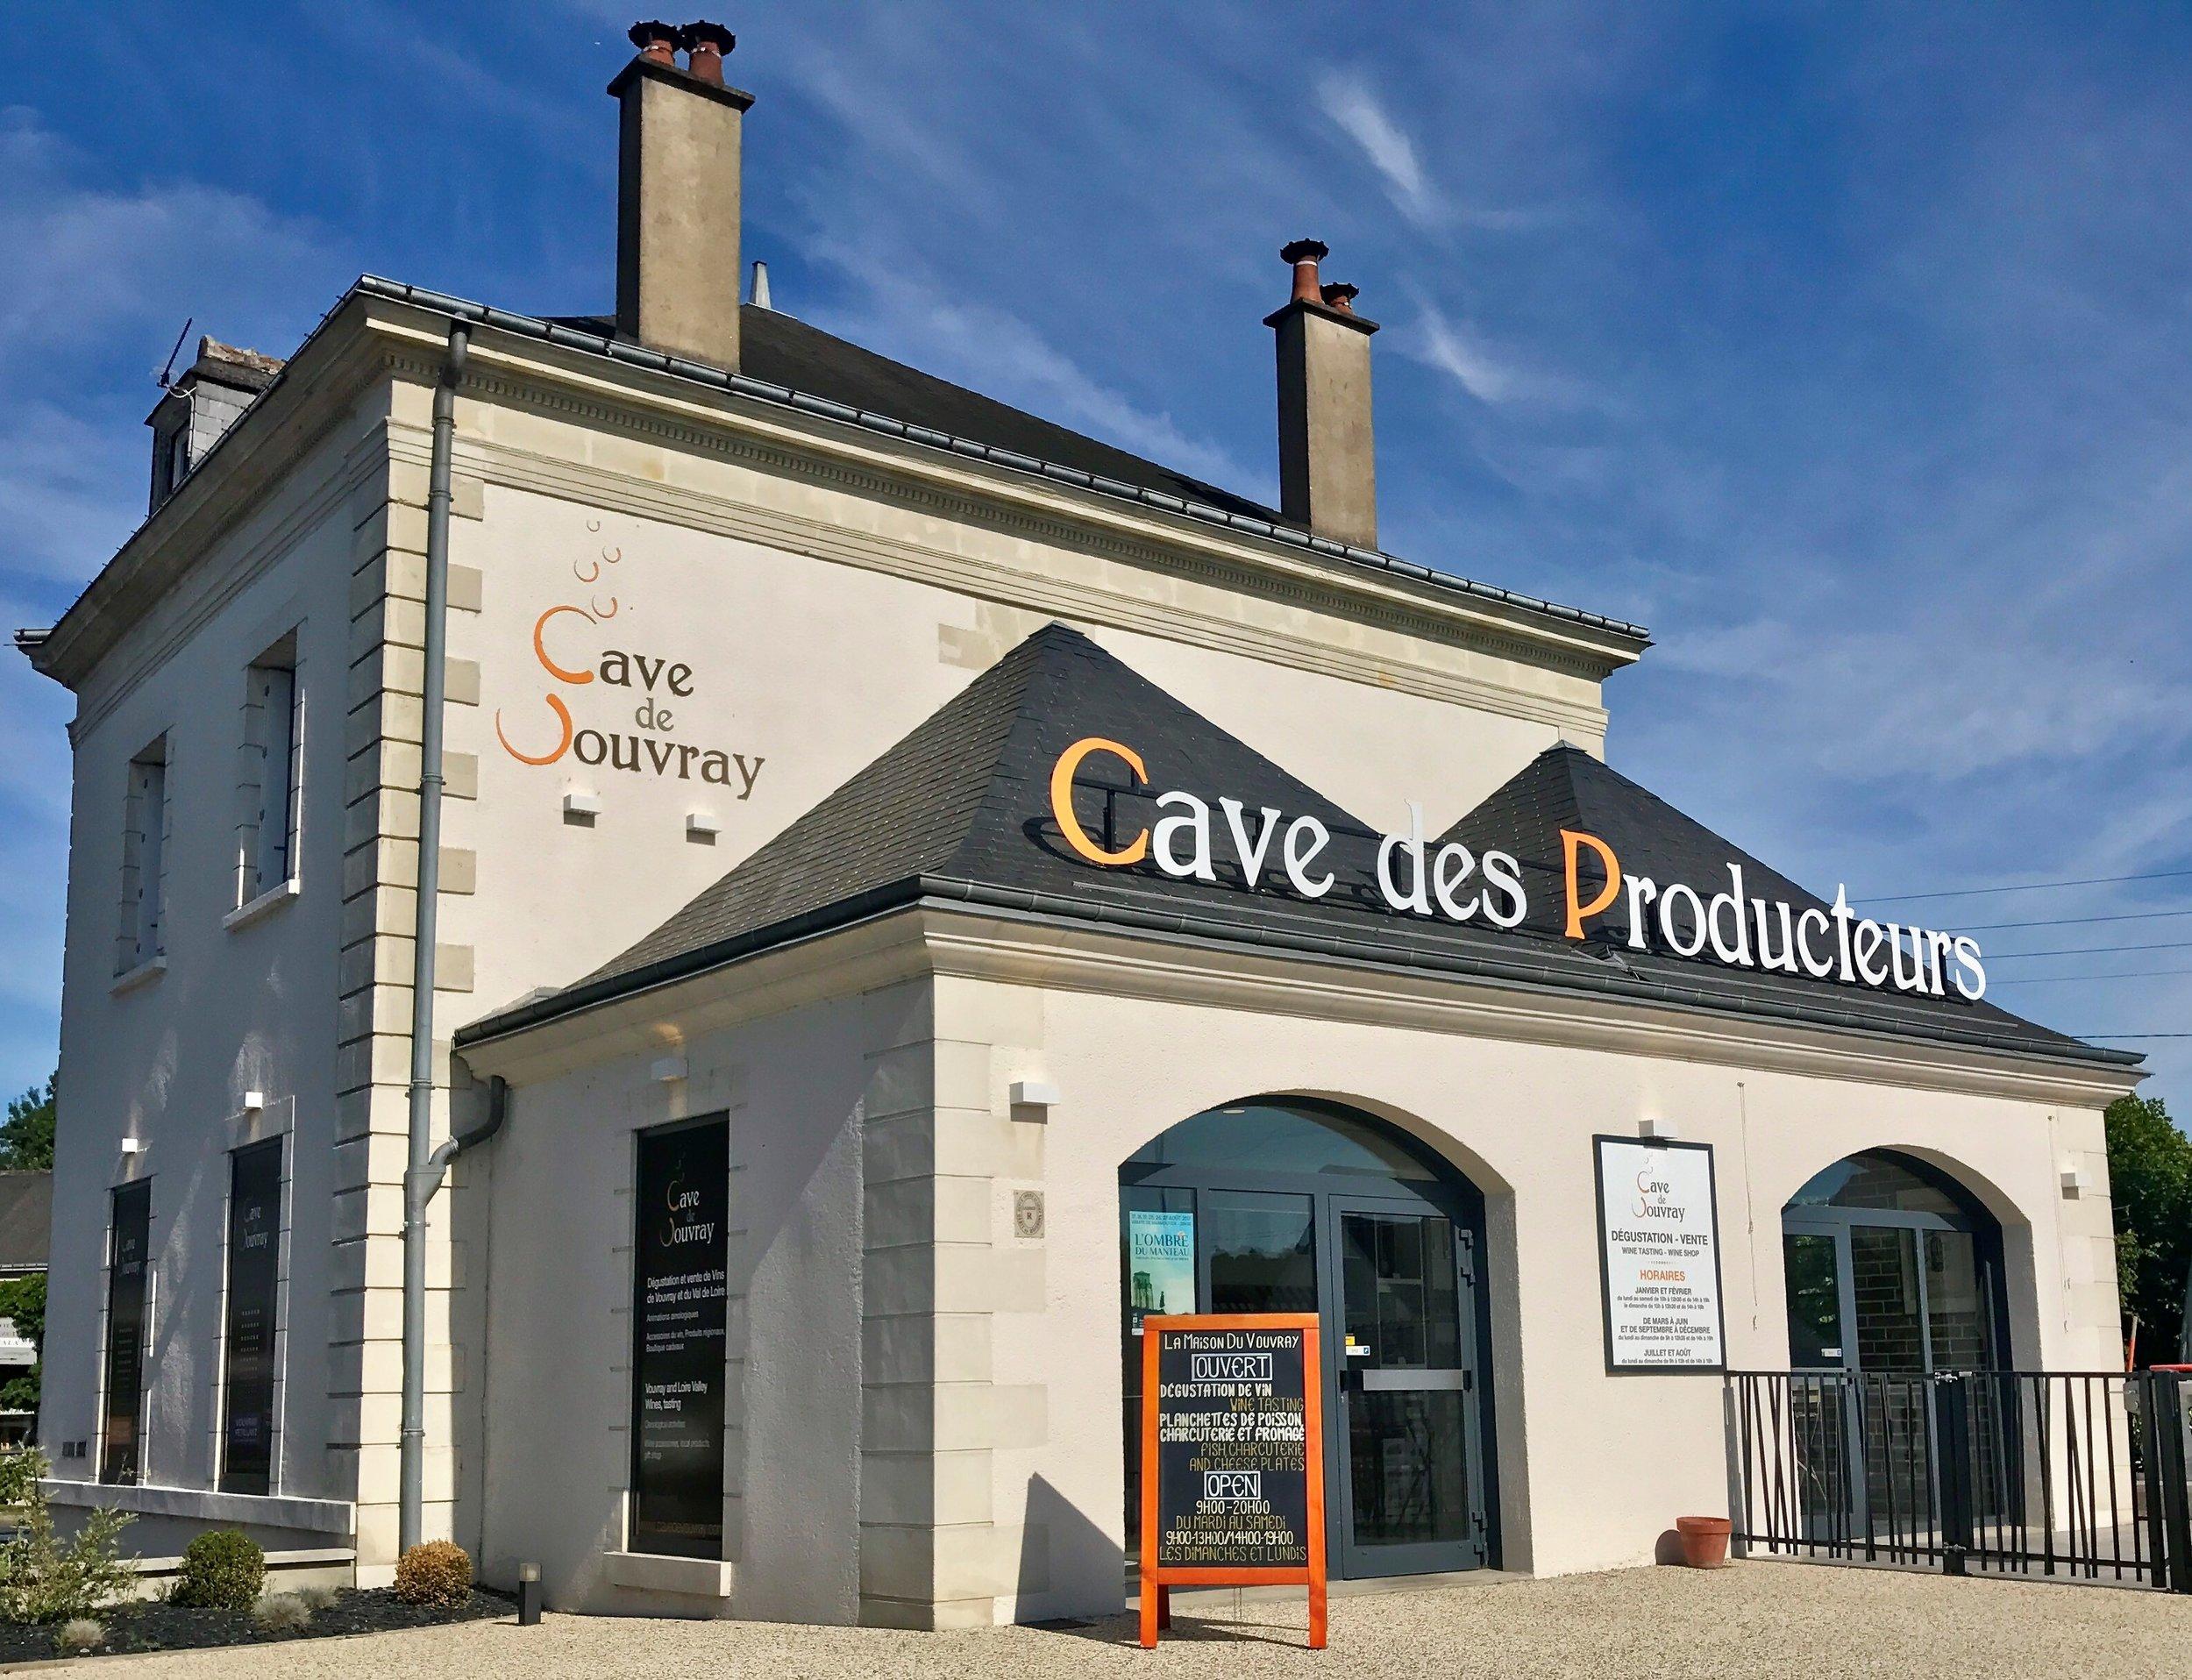 1. Caves du Producteurs Vouvray -